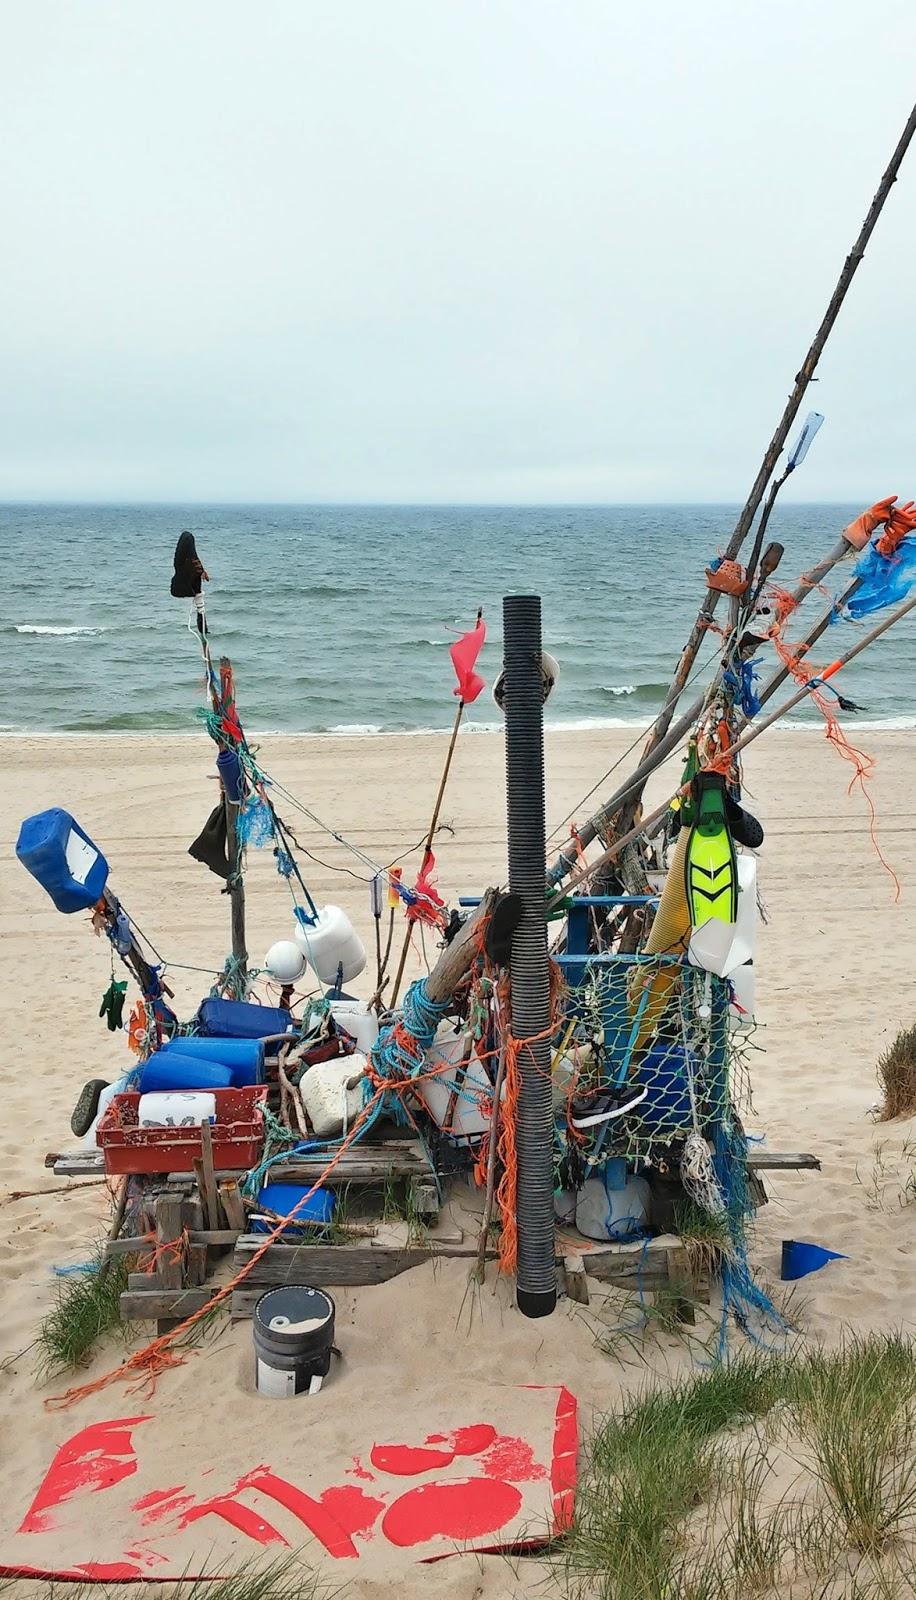 Pulau patung sampah dari laut sylt